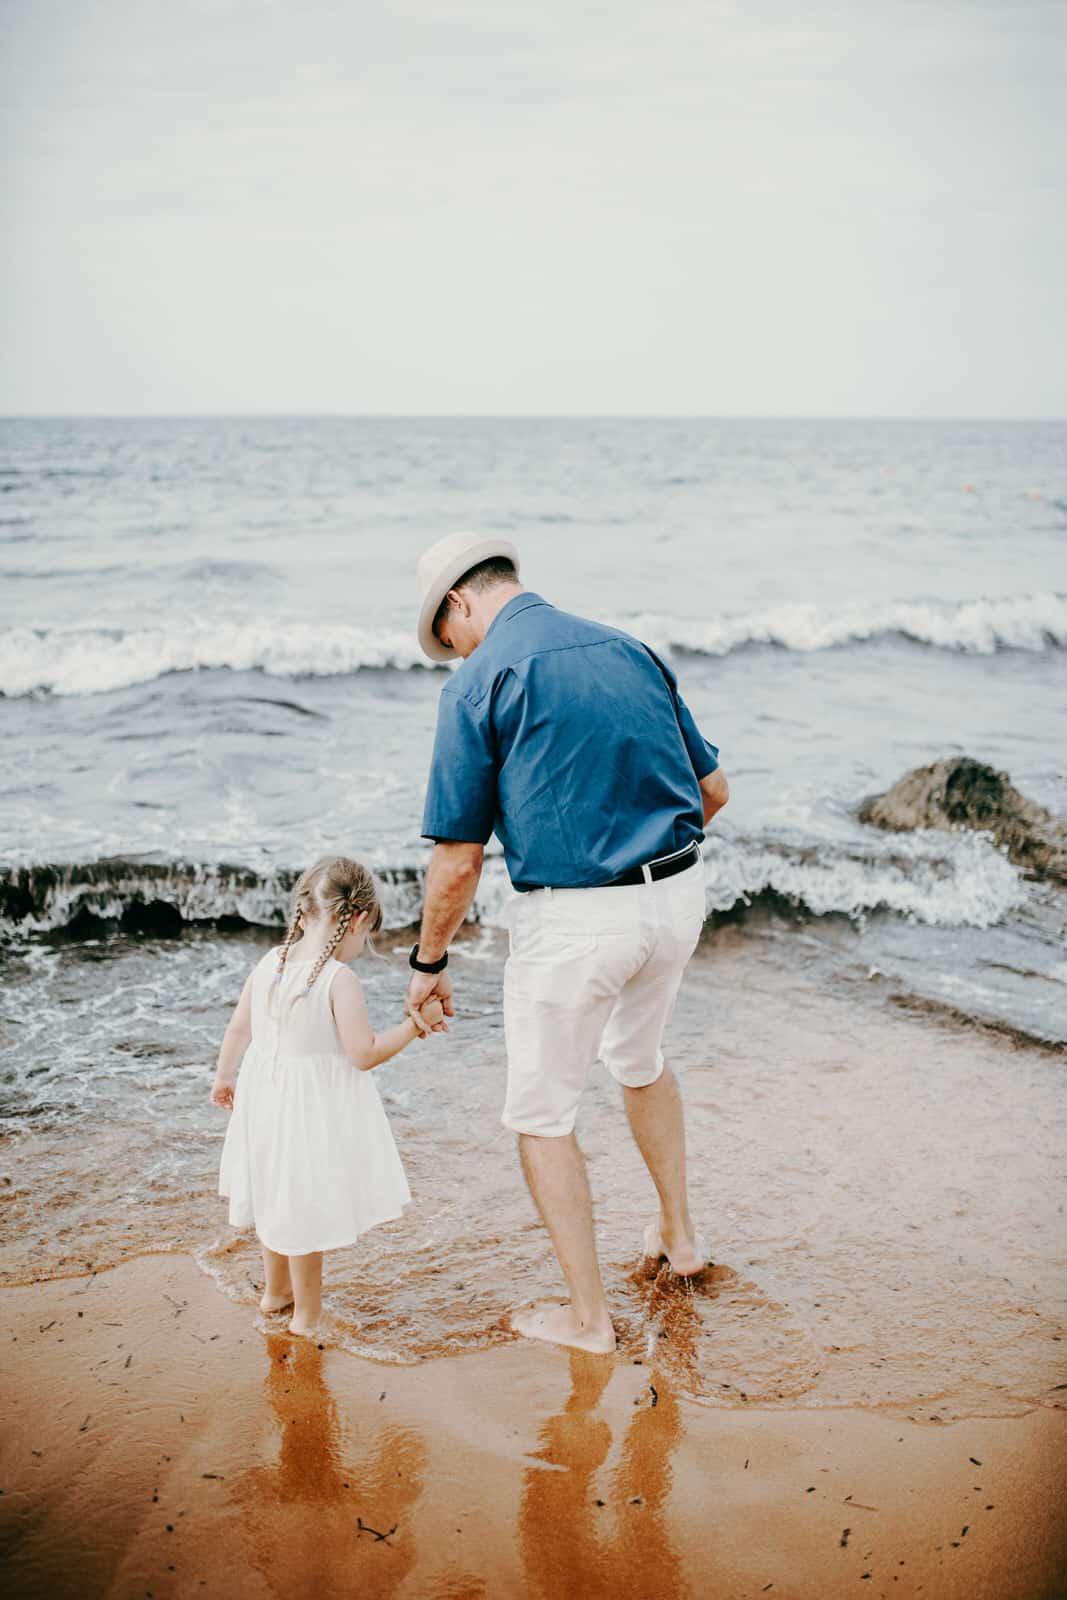 Als Hochzeitsfotograf auf Malta. Ein älterer männlicher Teilnehmer der Strandhochzeit läuft mit einem kleinen Kind an der Hand am Strand entlang. Sie sehen sich die Gischt der Wellen an. Auch das sind die wunderbaren Momente einer Hochzeit - wenn die Familie und Freunde zusammenkommen- und wir als Hochzeitsfotografen mittendrin!